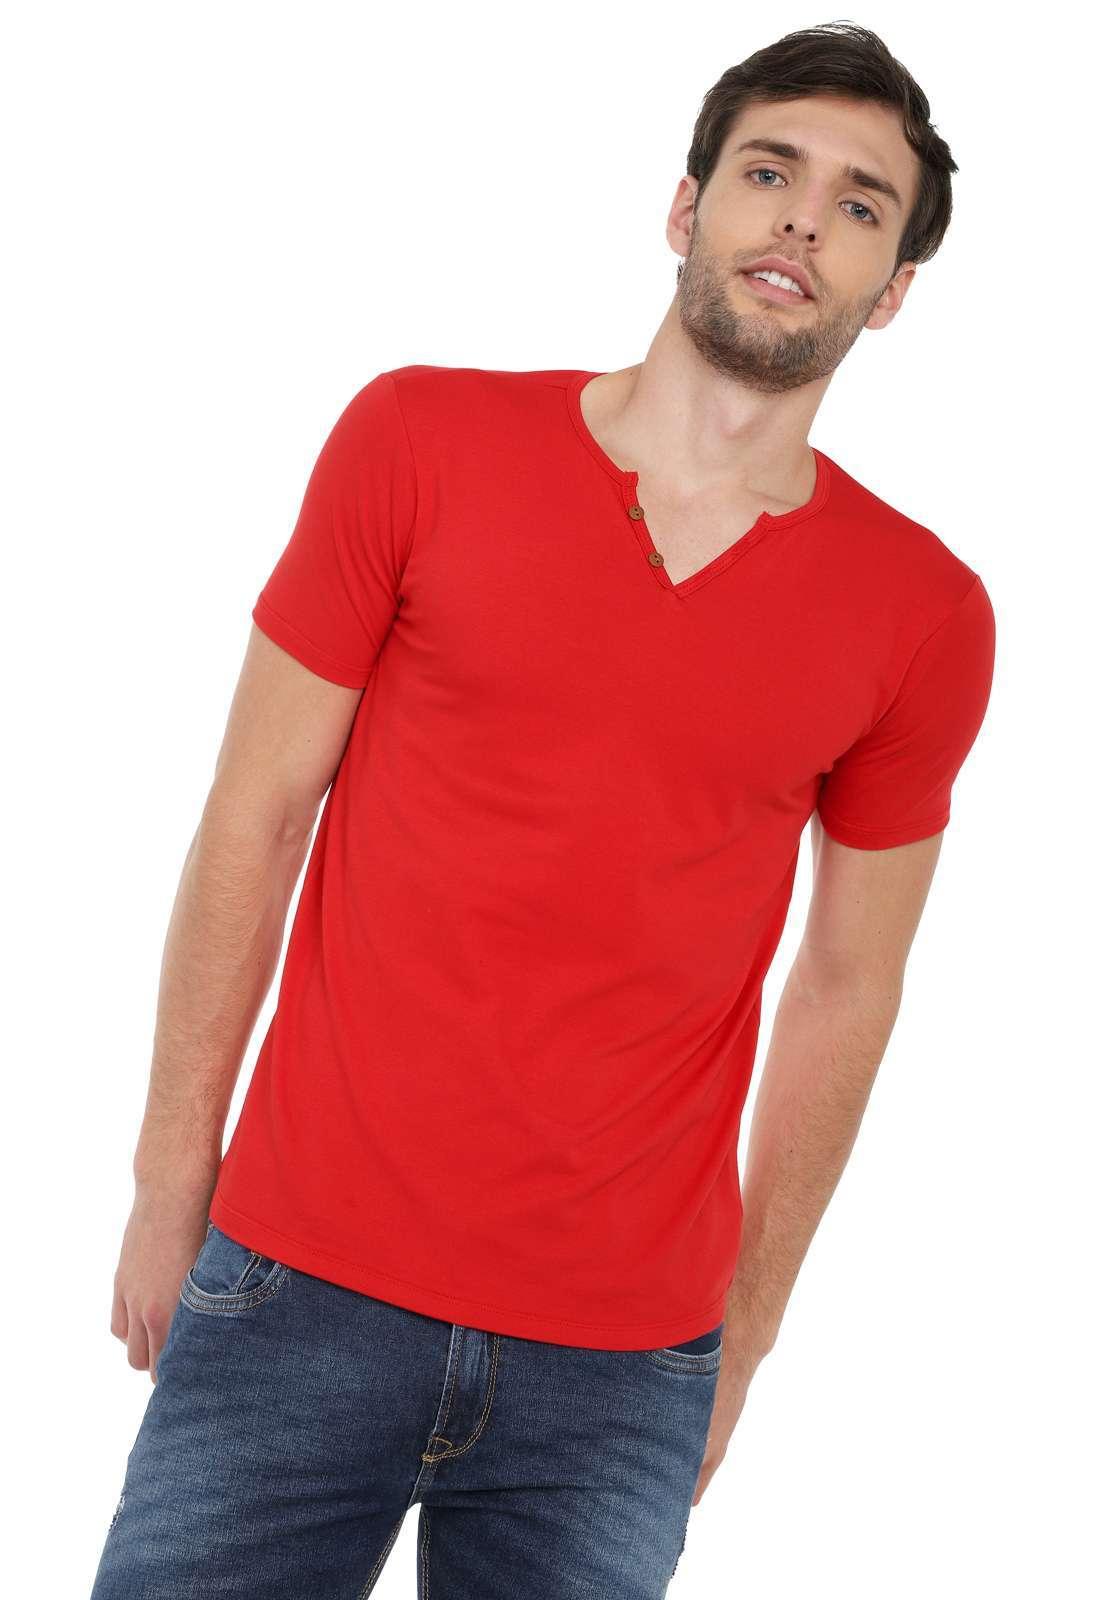 Camiseta Con Botones Licrada - Rojo | Polovers